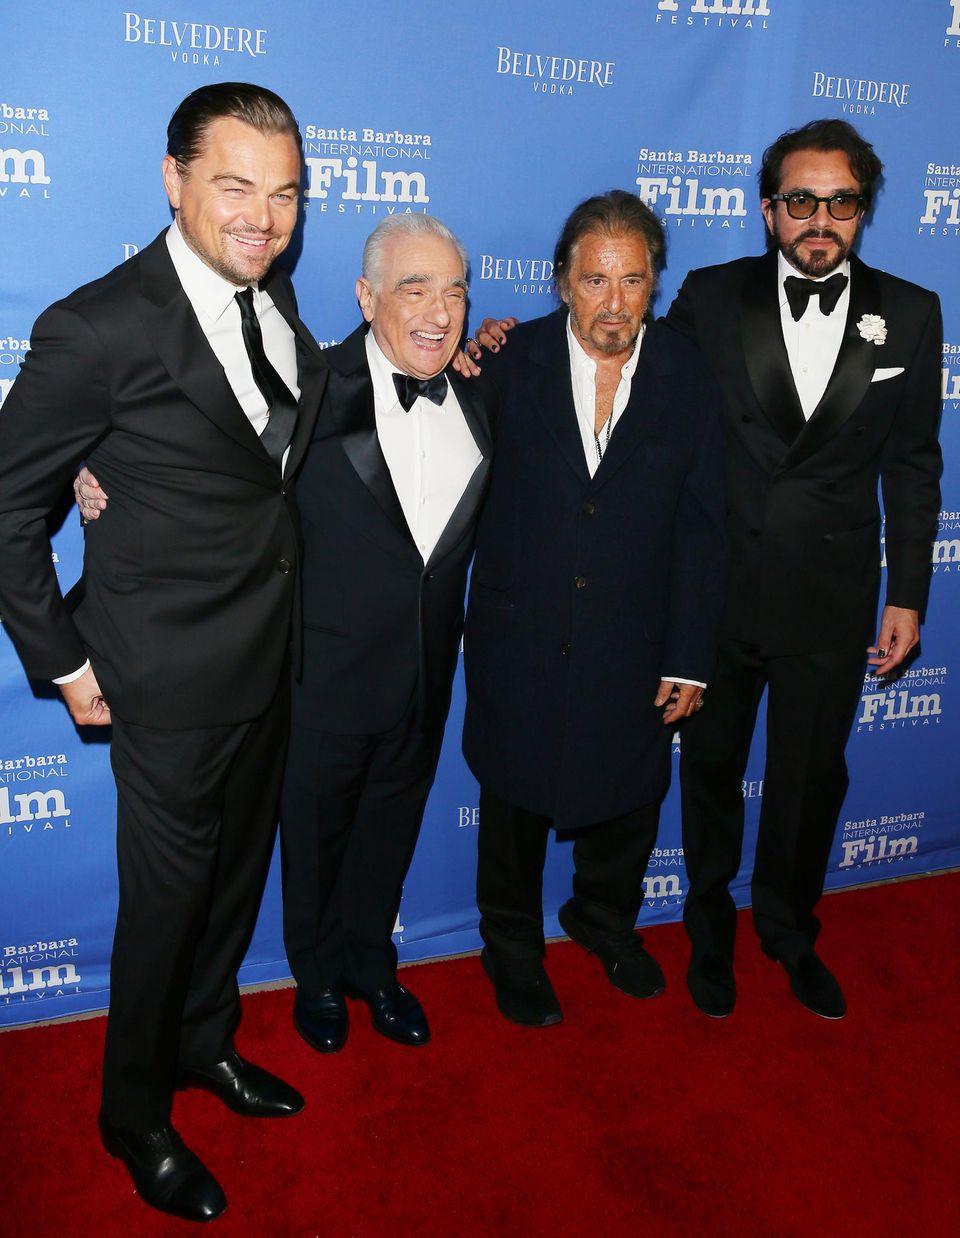 14. November 2019  Das internationaleFilmfestivalin Santa Barbara, das diesmalzu Ehren Martin Scorseses (2.v.l.) ausgerichtet wird, ist ein Treffpunkt für Hollywood-Größen.Im sonnigen Kalifornien feiern Leonardo DiCaprio, Al Pacino und FestivalleiterRodger Durling mit dem Kult-Regisseur.